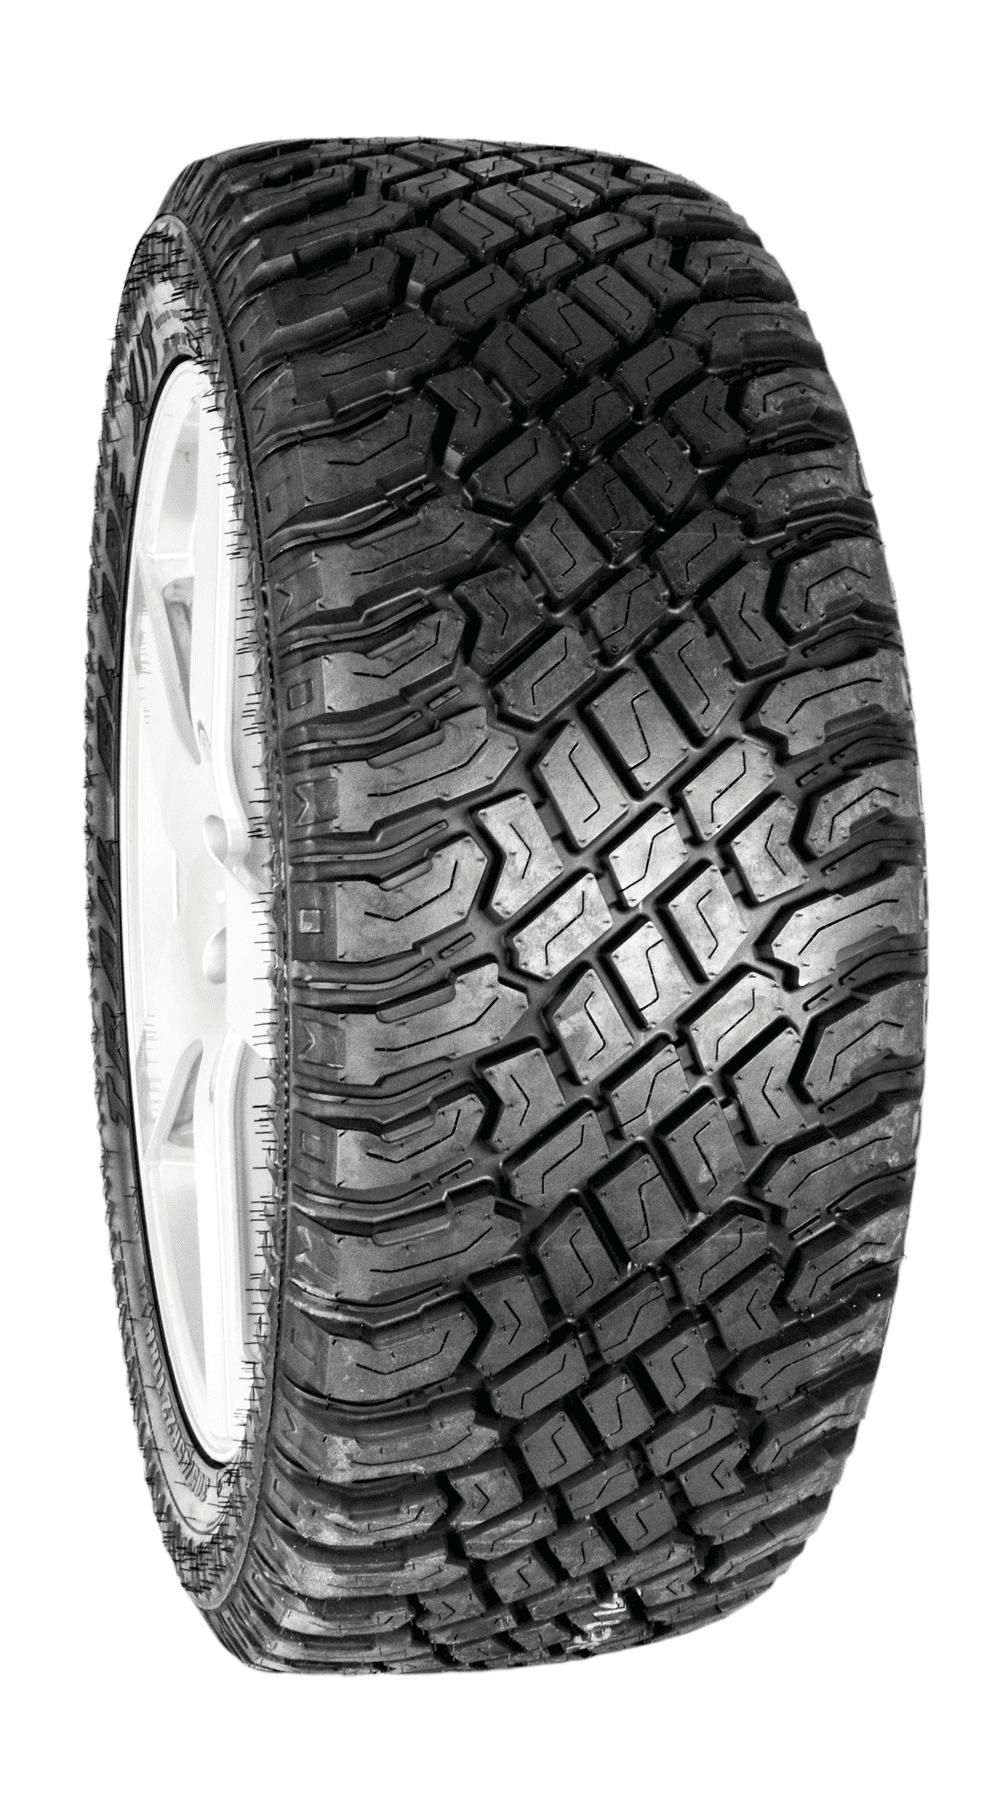 Atturo Trail Blade X/T Tire